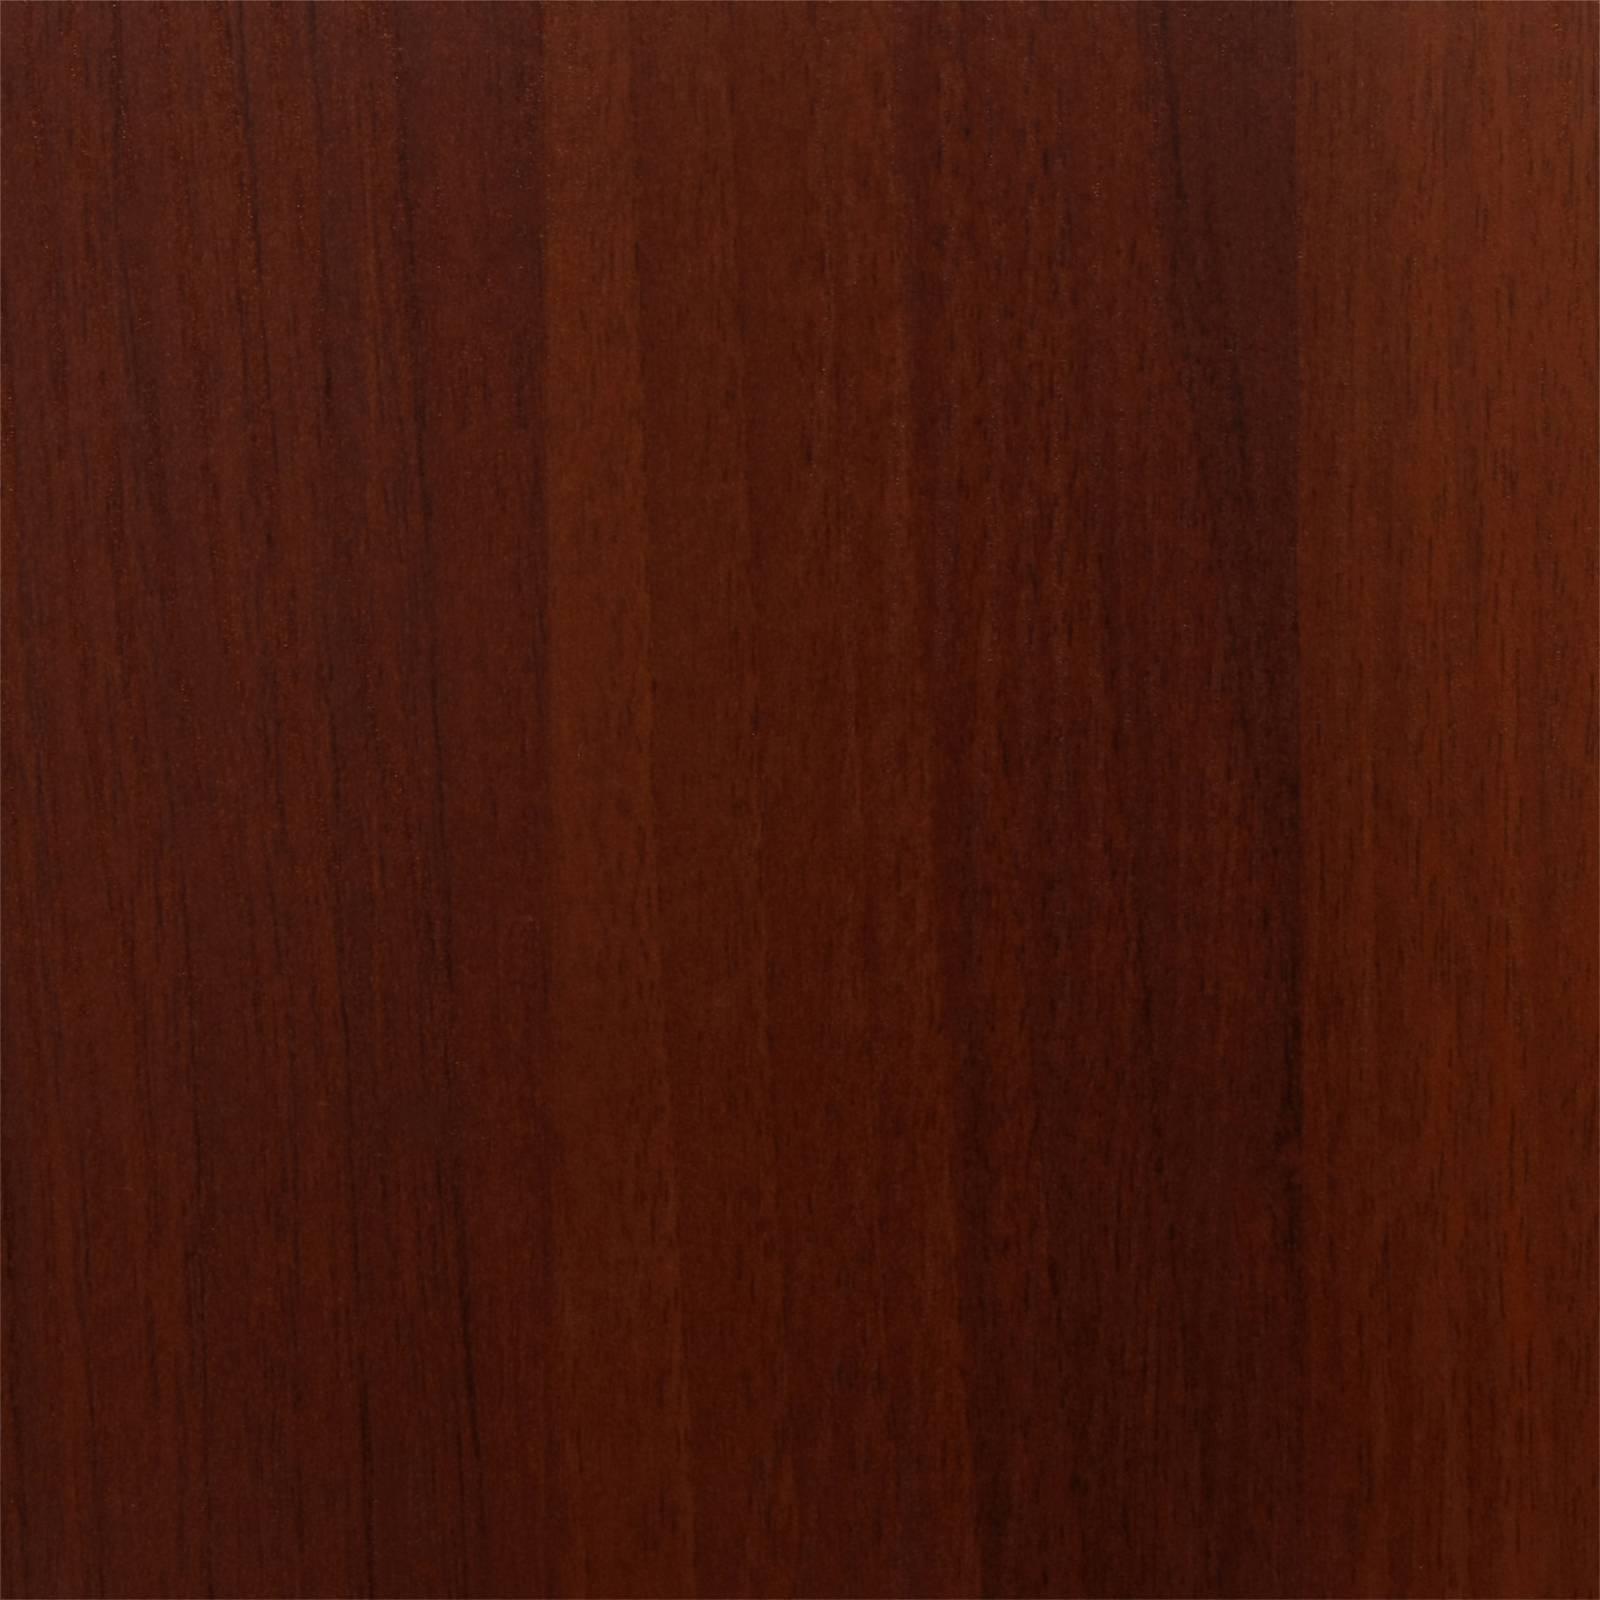 Цвет орех таволато мебель фото